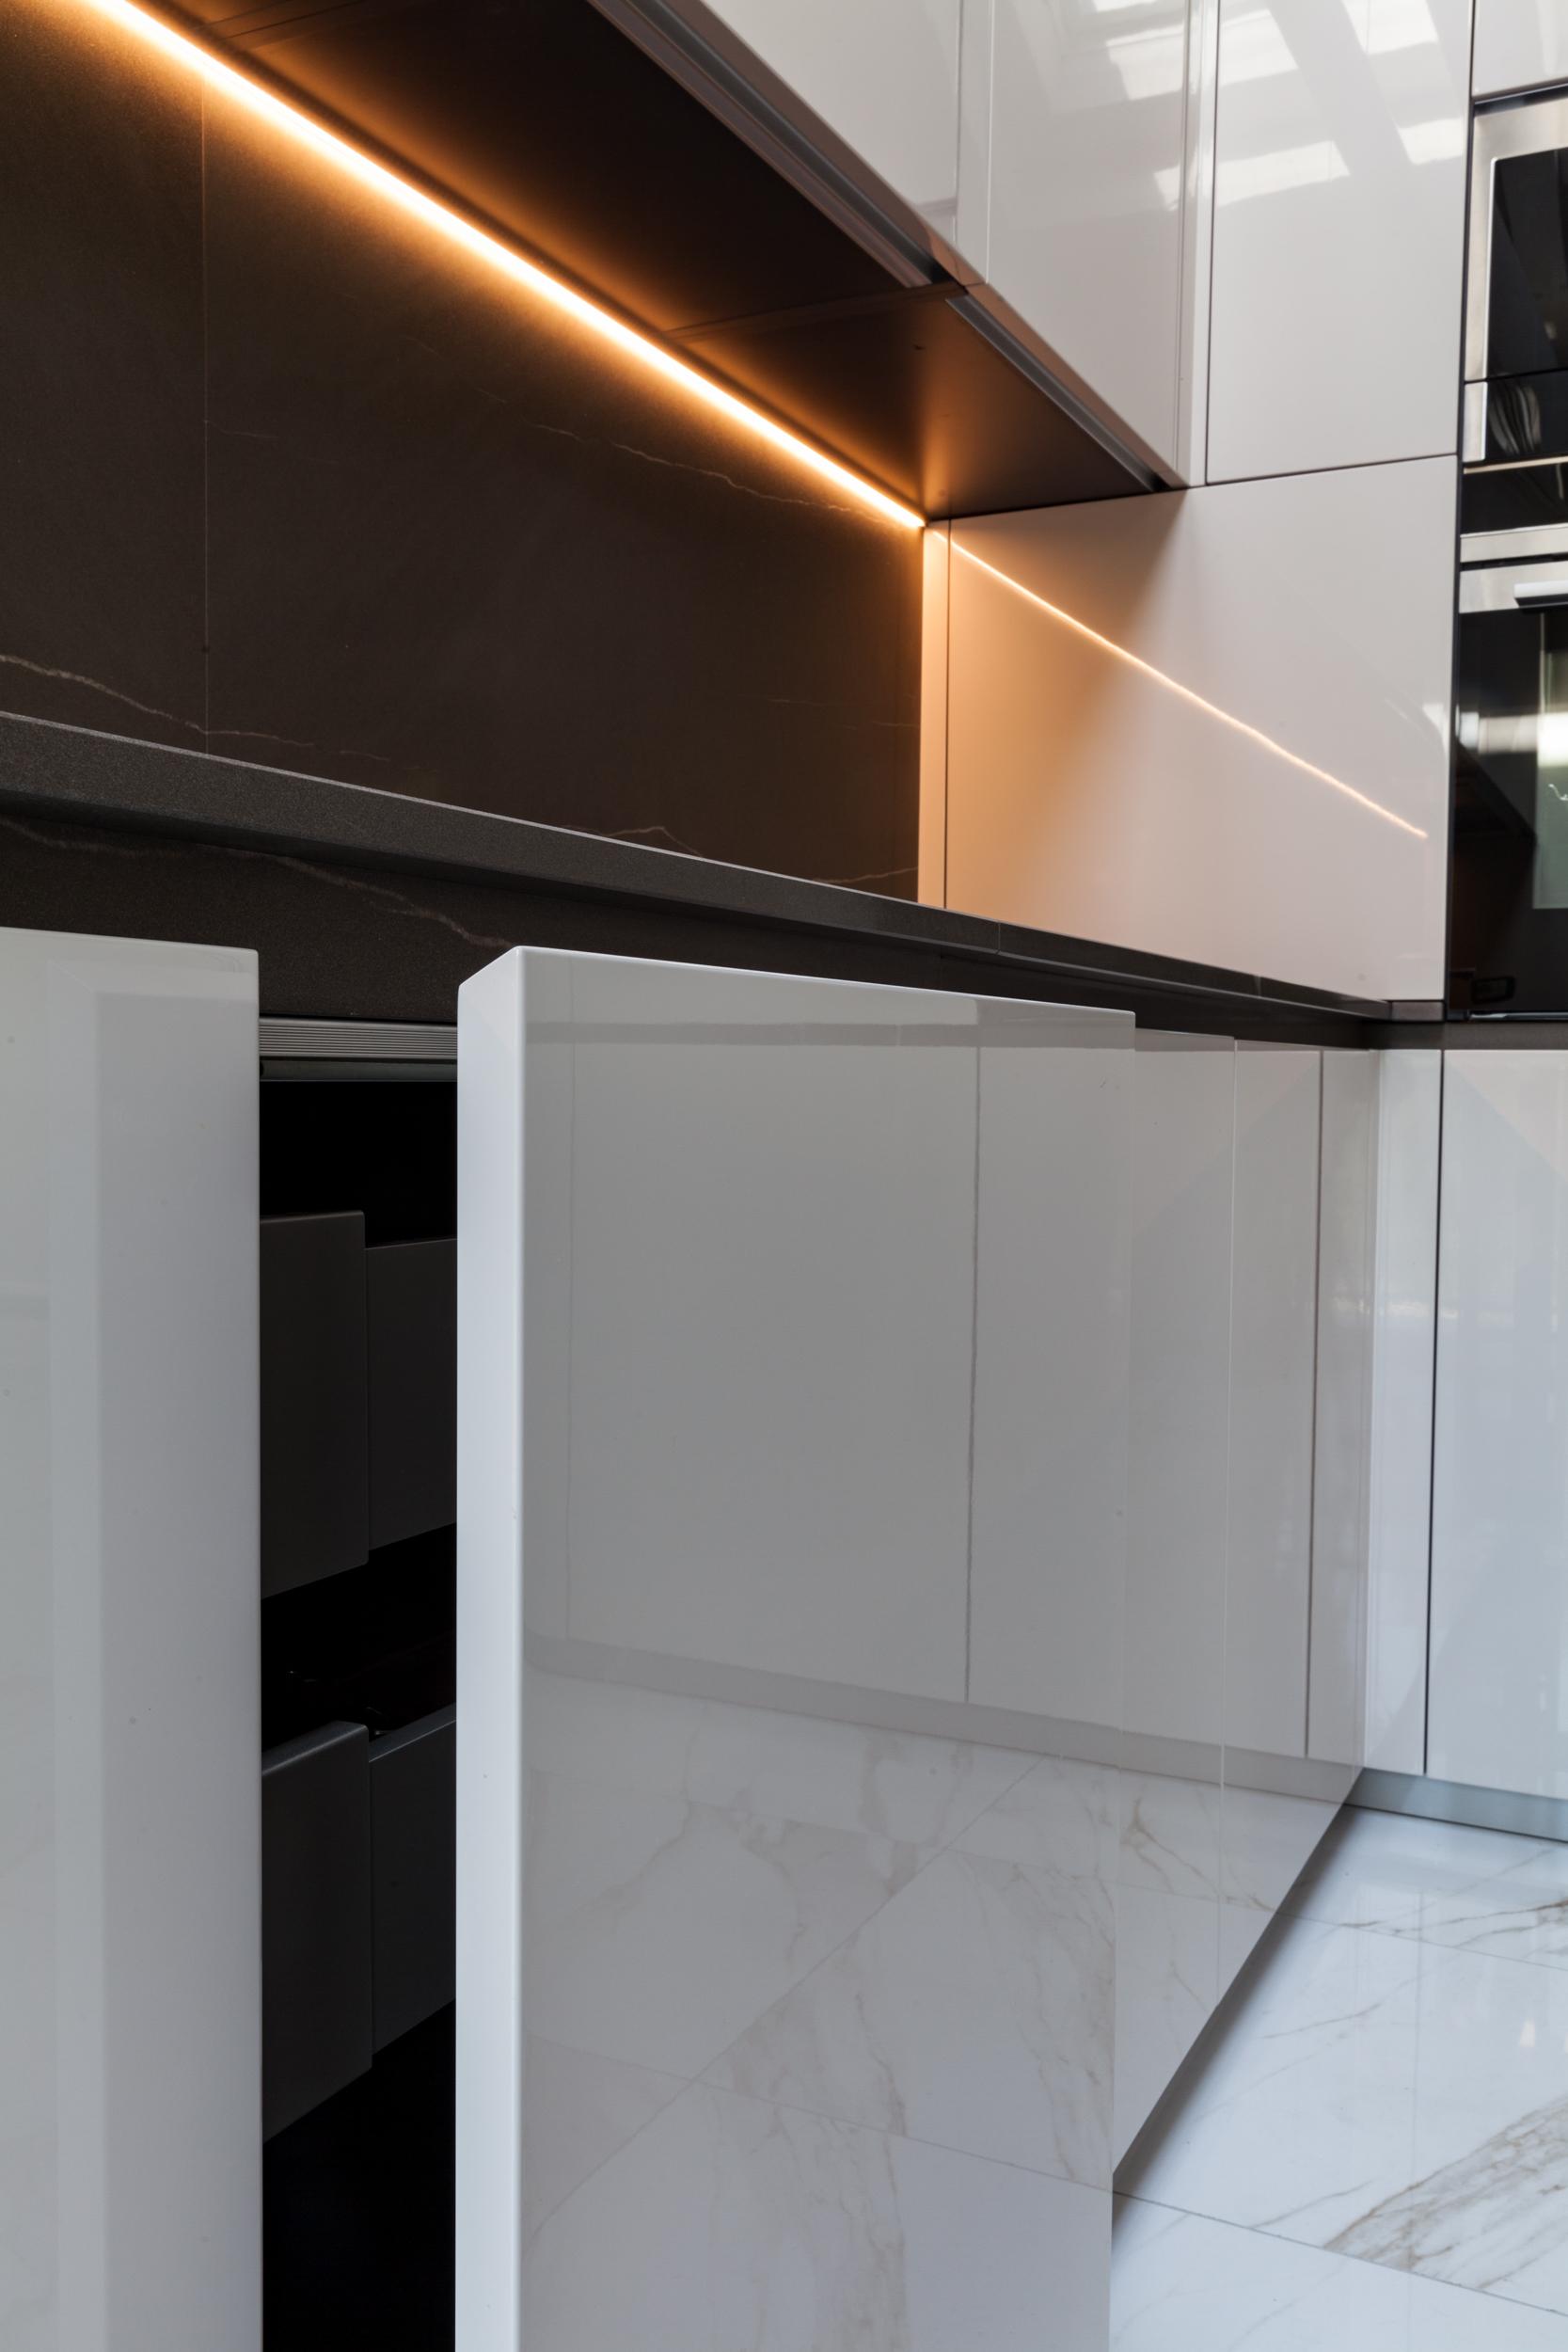 Cucine bagni radiatori marmocasa lavorazione marmi graniti e pietre naturali - Bagni e cucine ...